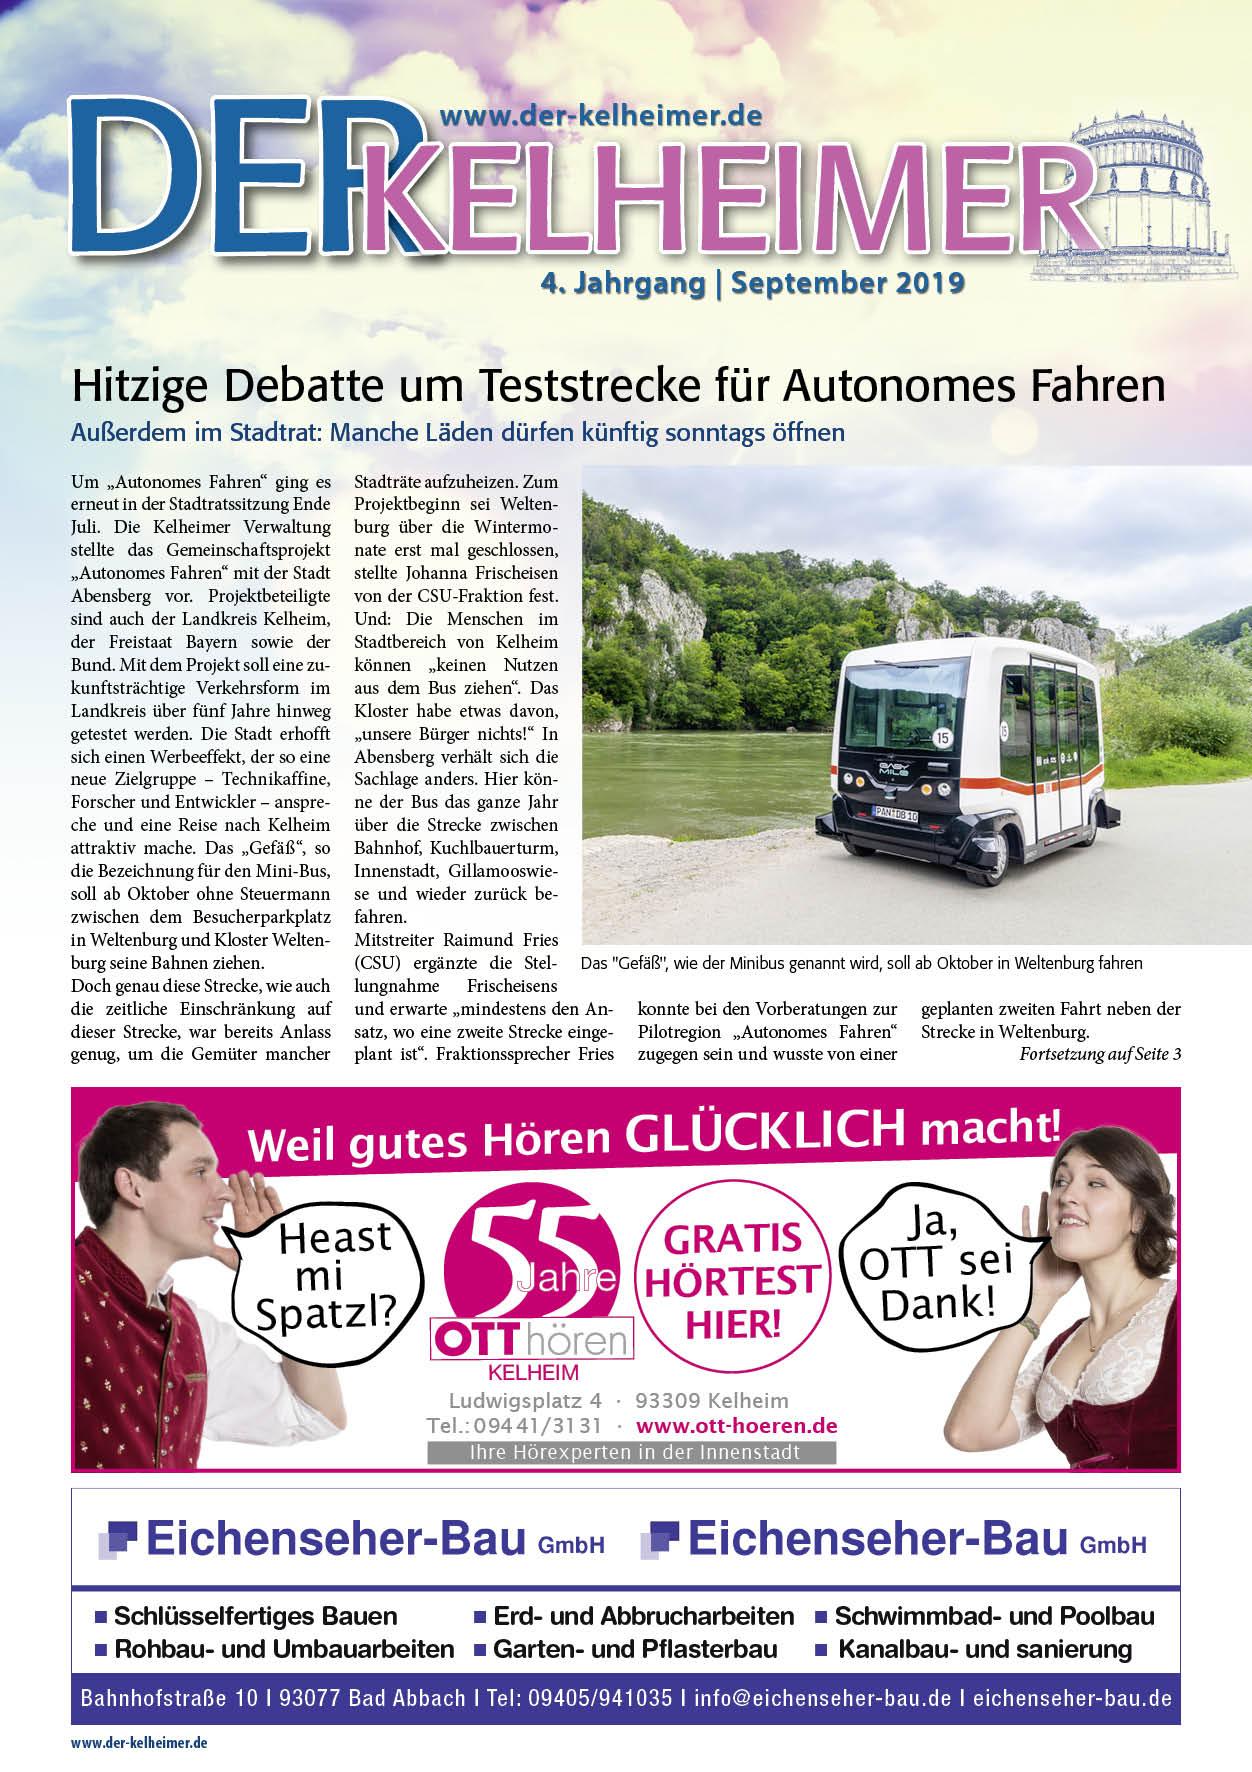 Der-Kelheimer-2019-09